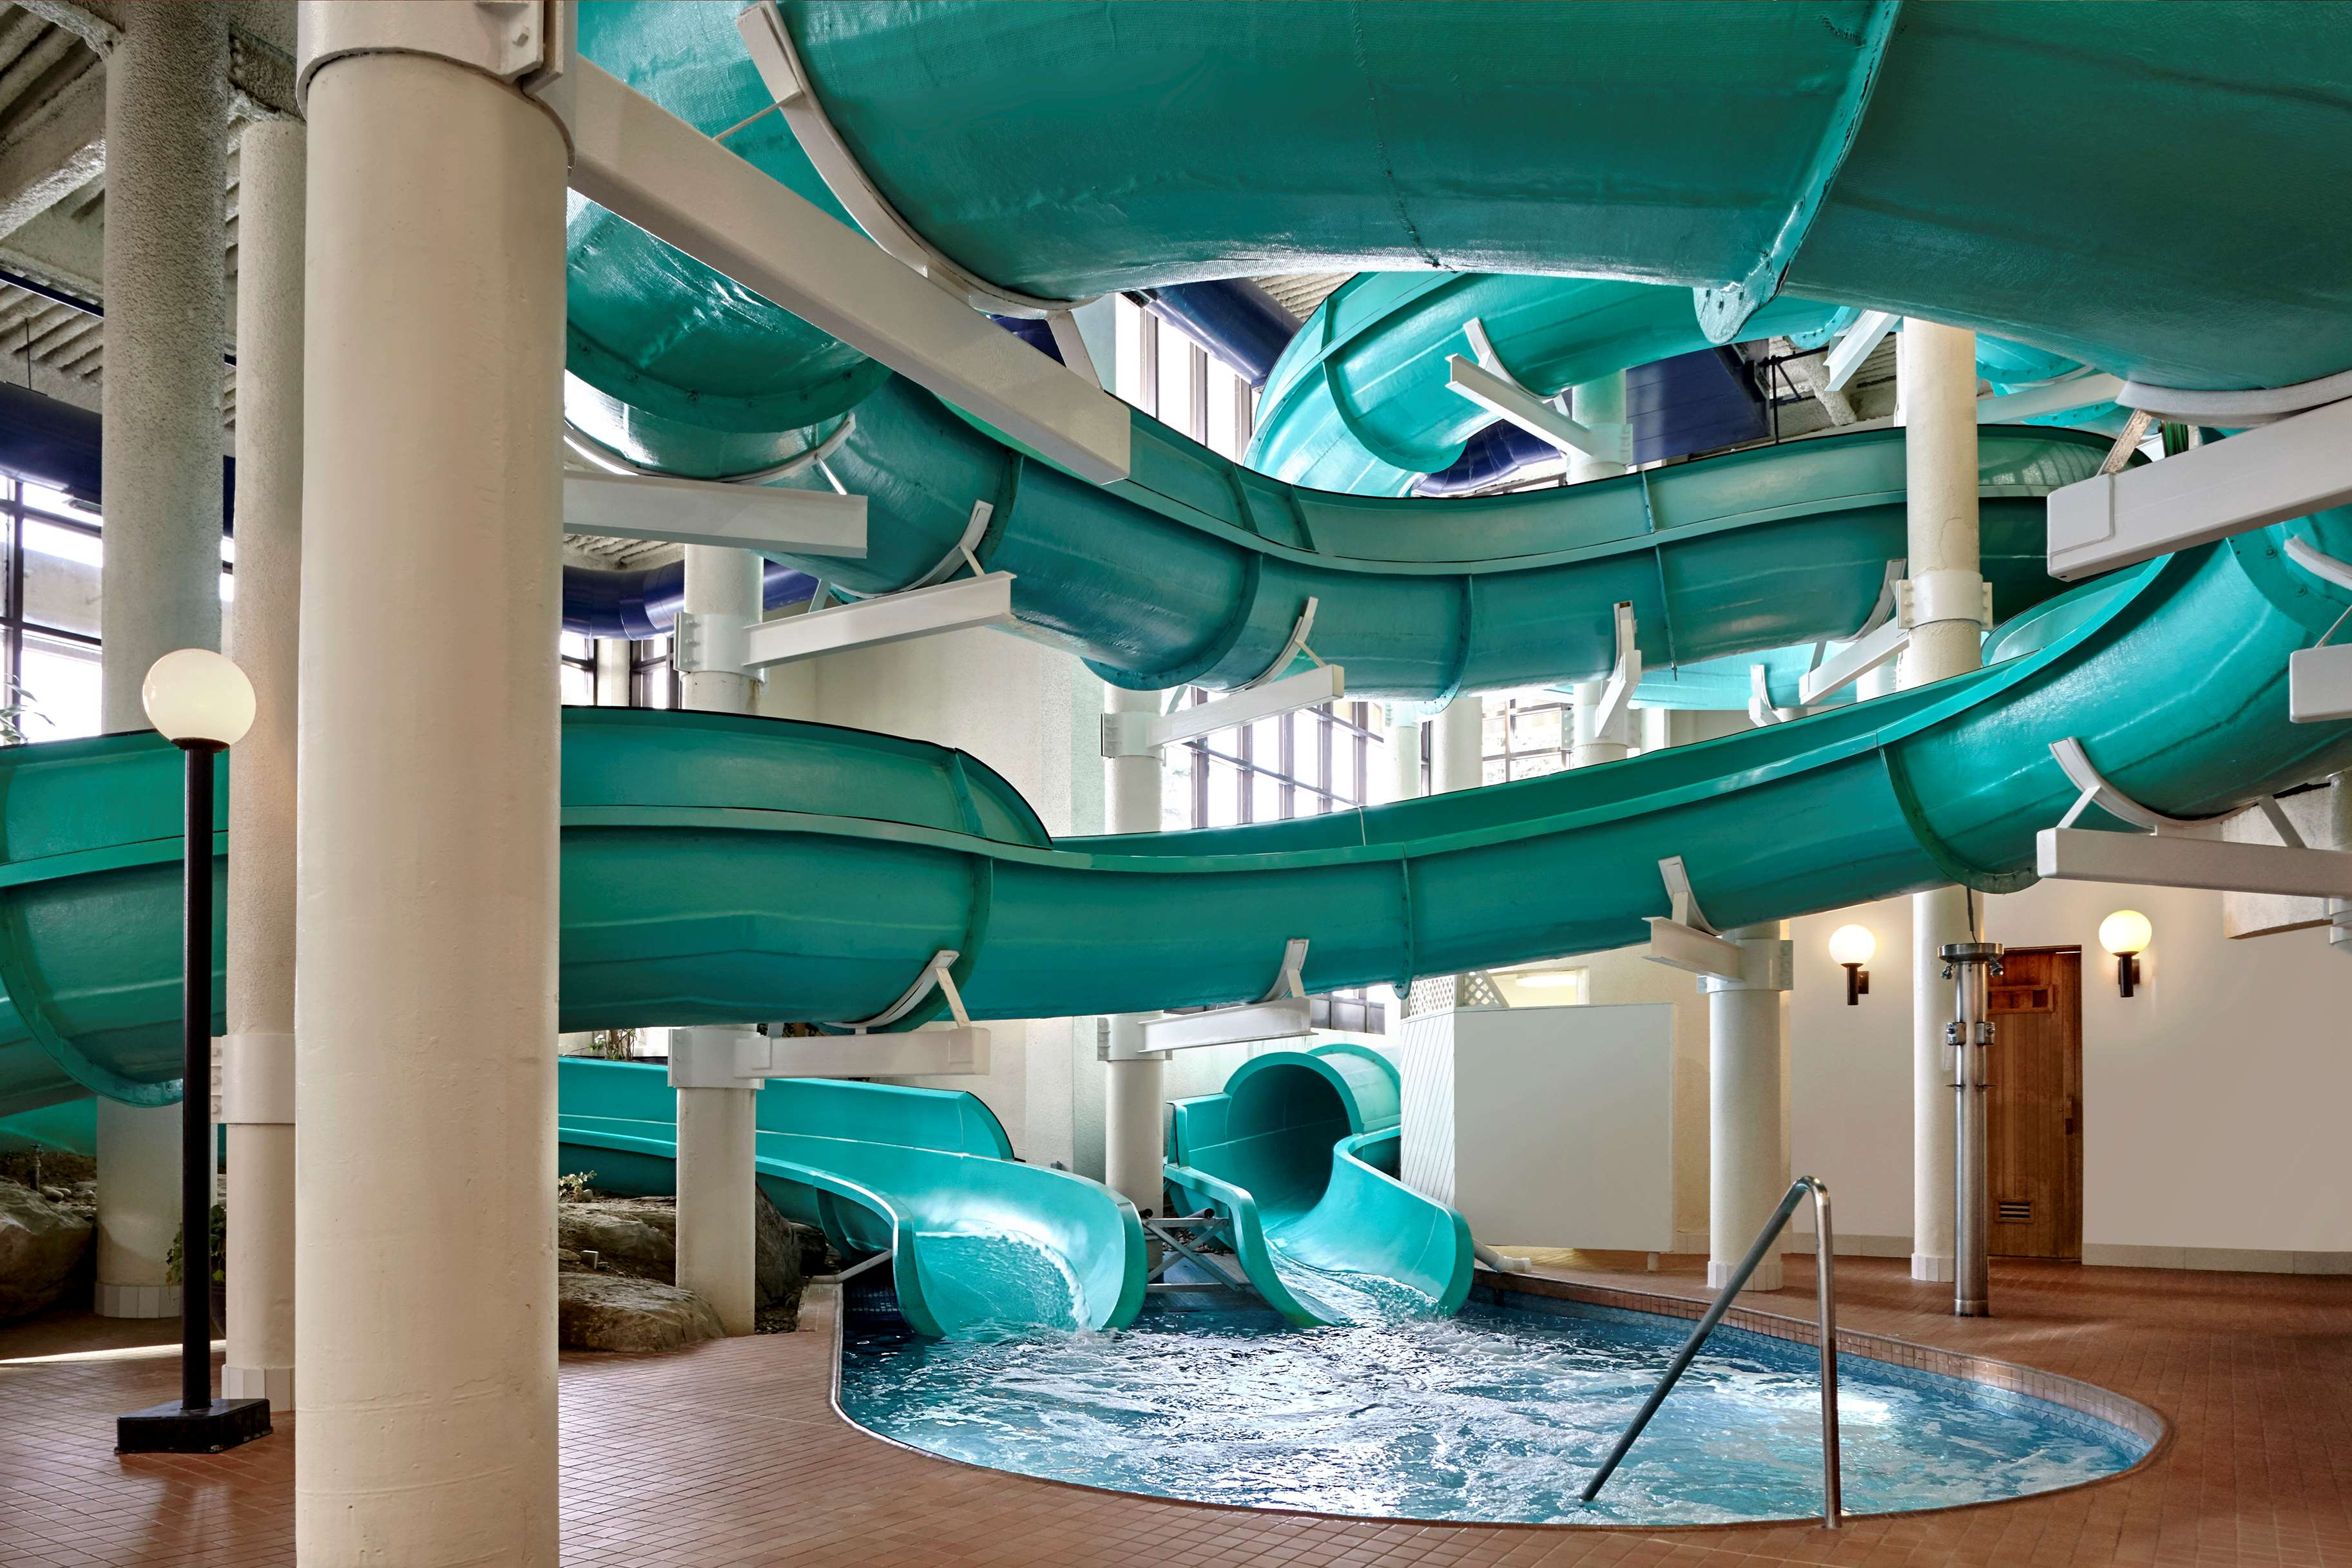 Sheraton Cavalier Calgary Hotel in Calgary: Oasis Water Park Water Slides - Sheraton Cavalier Calgary Hotel